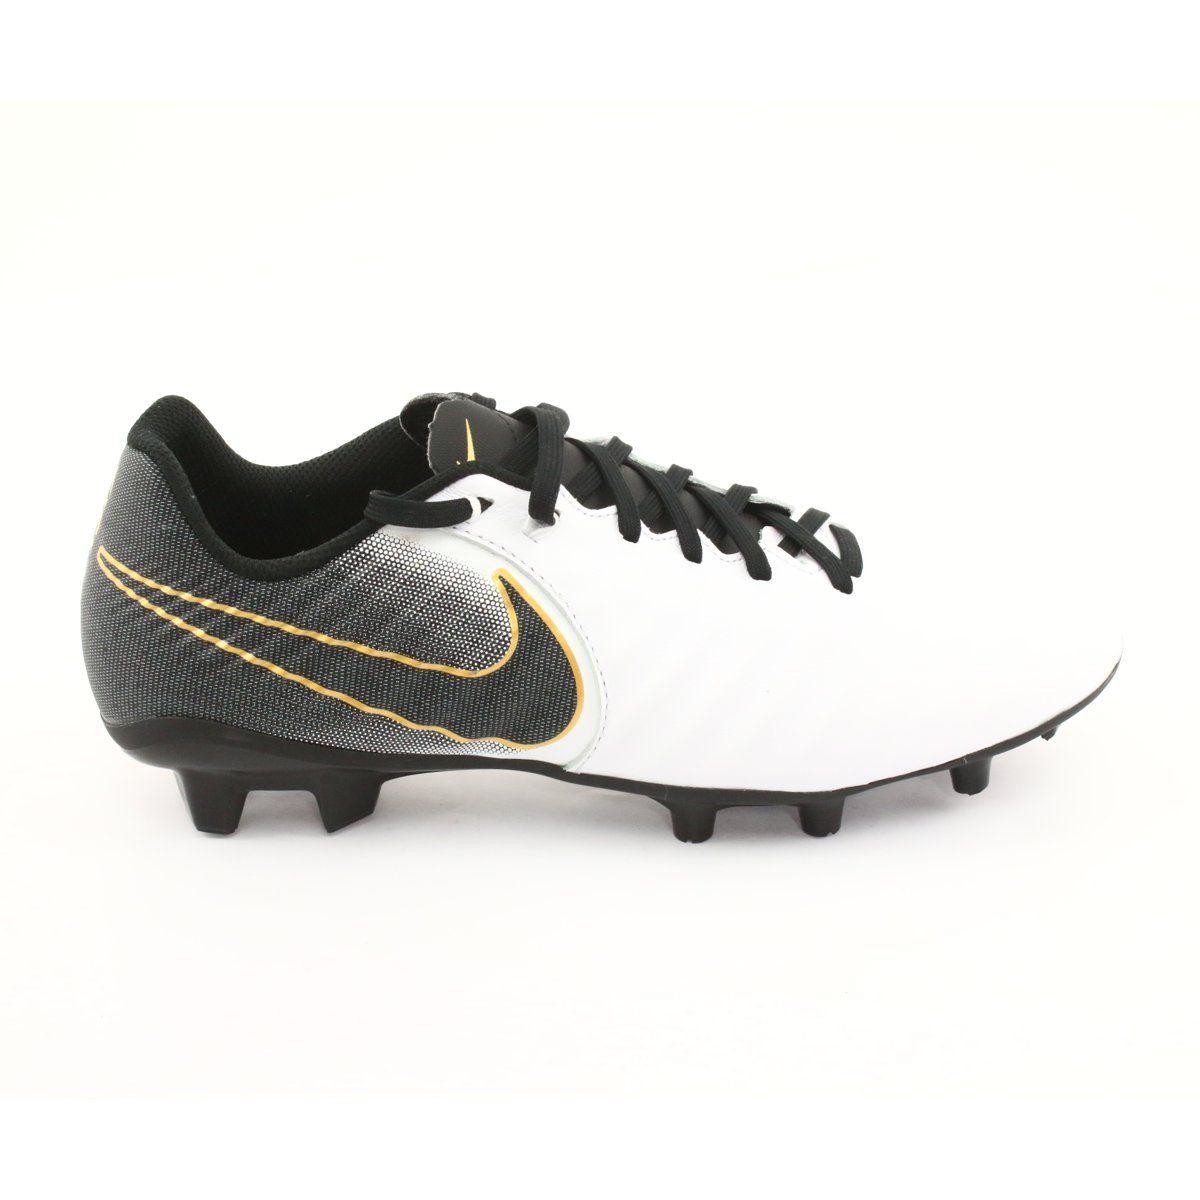 Buty Pilkarskie Nike Tiempo Legend 7 Academy Fg M Ao2596 100 Biale Football Shoes Nike Shoes Nike Football